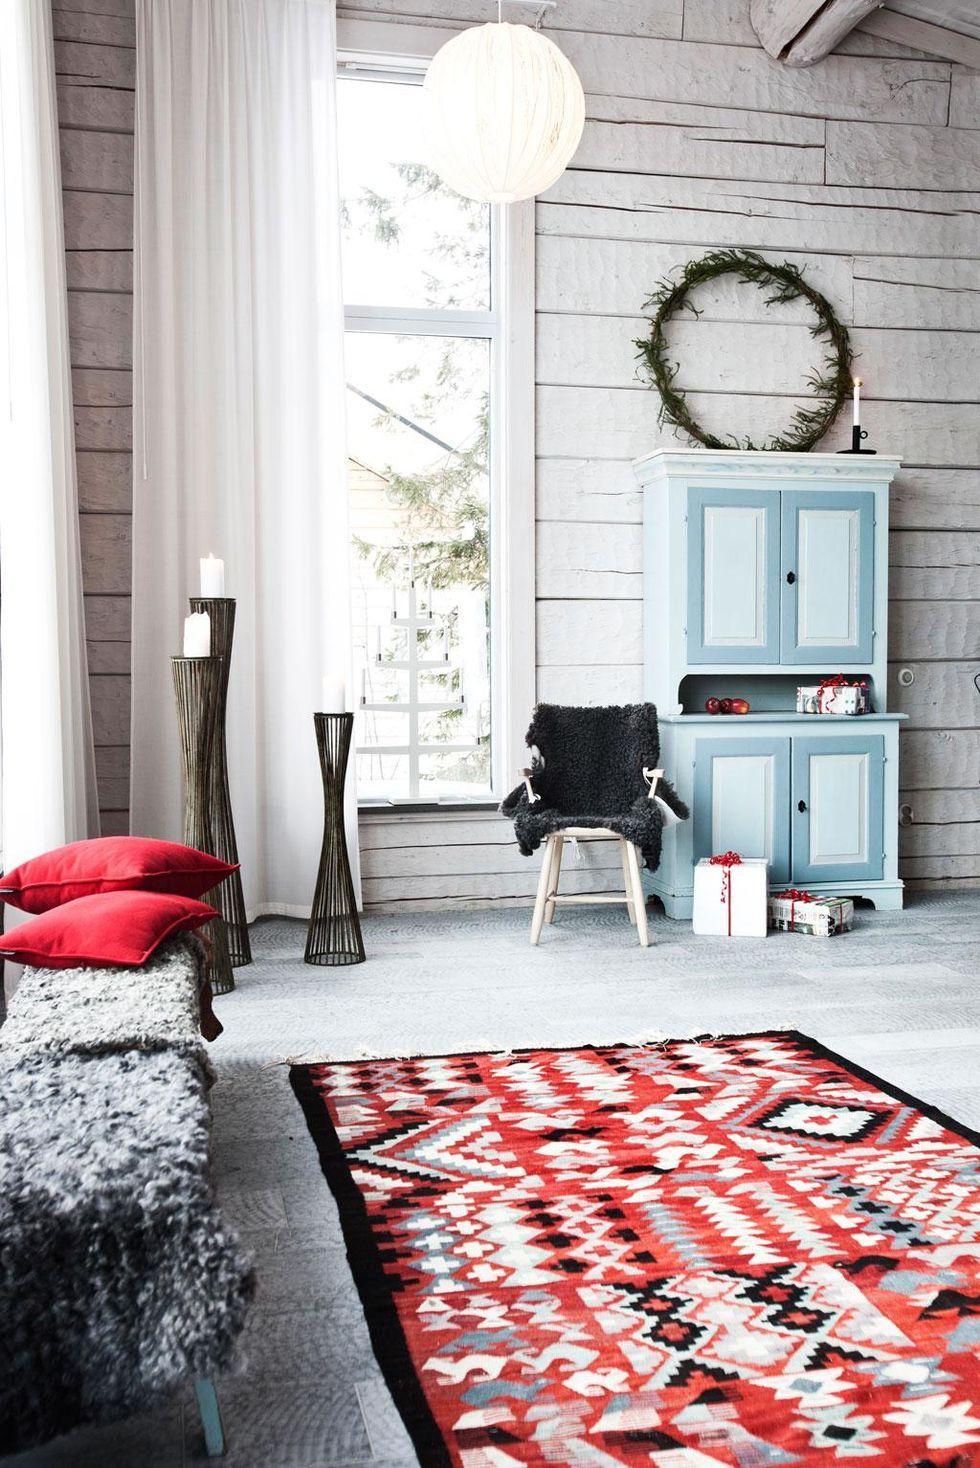 Loft bed with desk south africa  Timmerhuset i Bydalen  Hus u Hem  Kids spaces  Pinterest